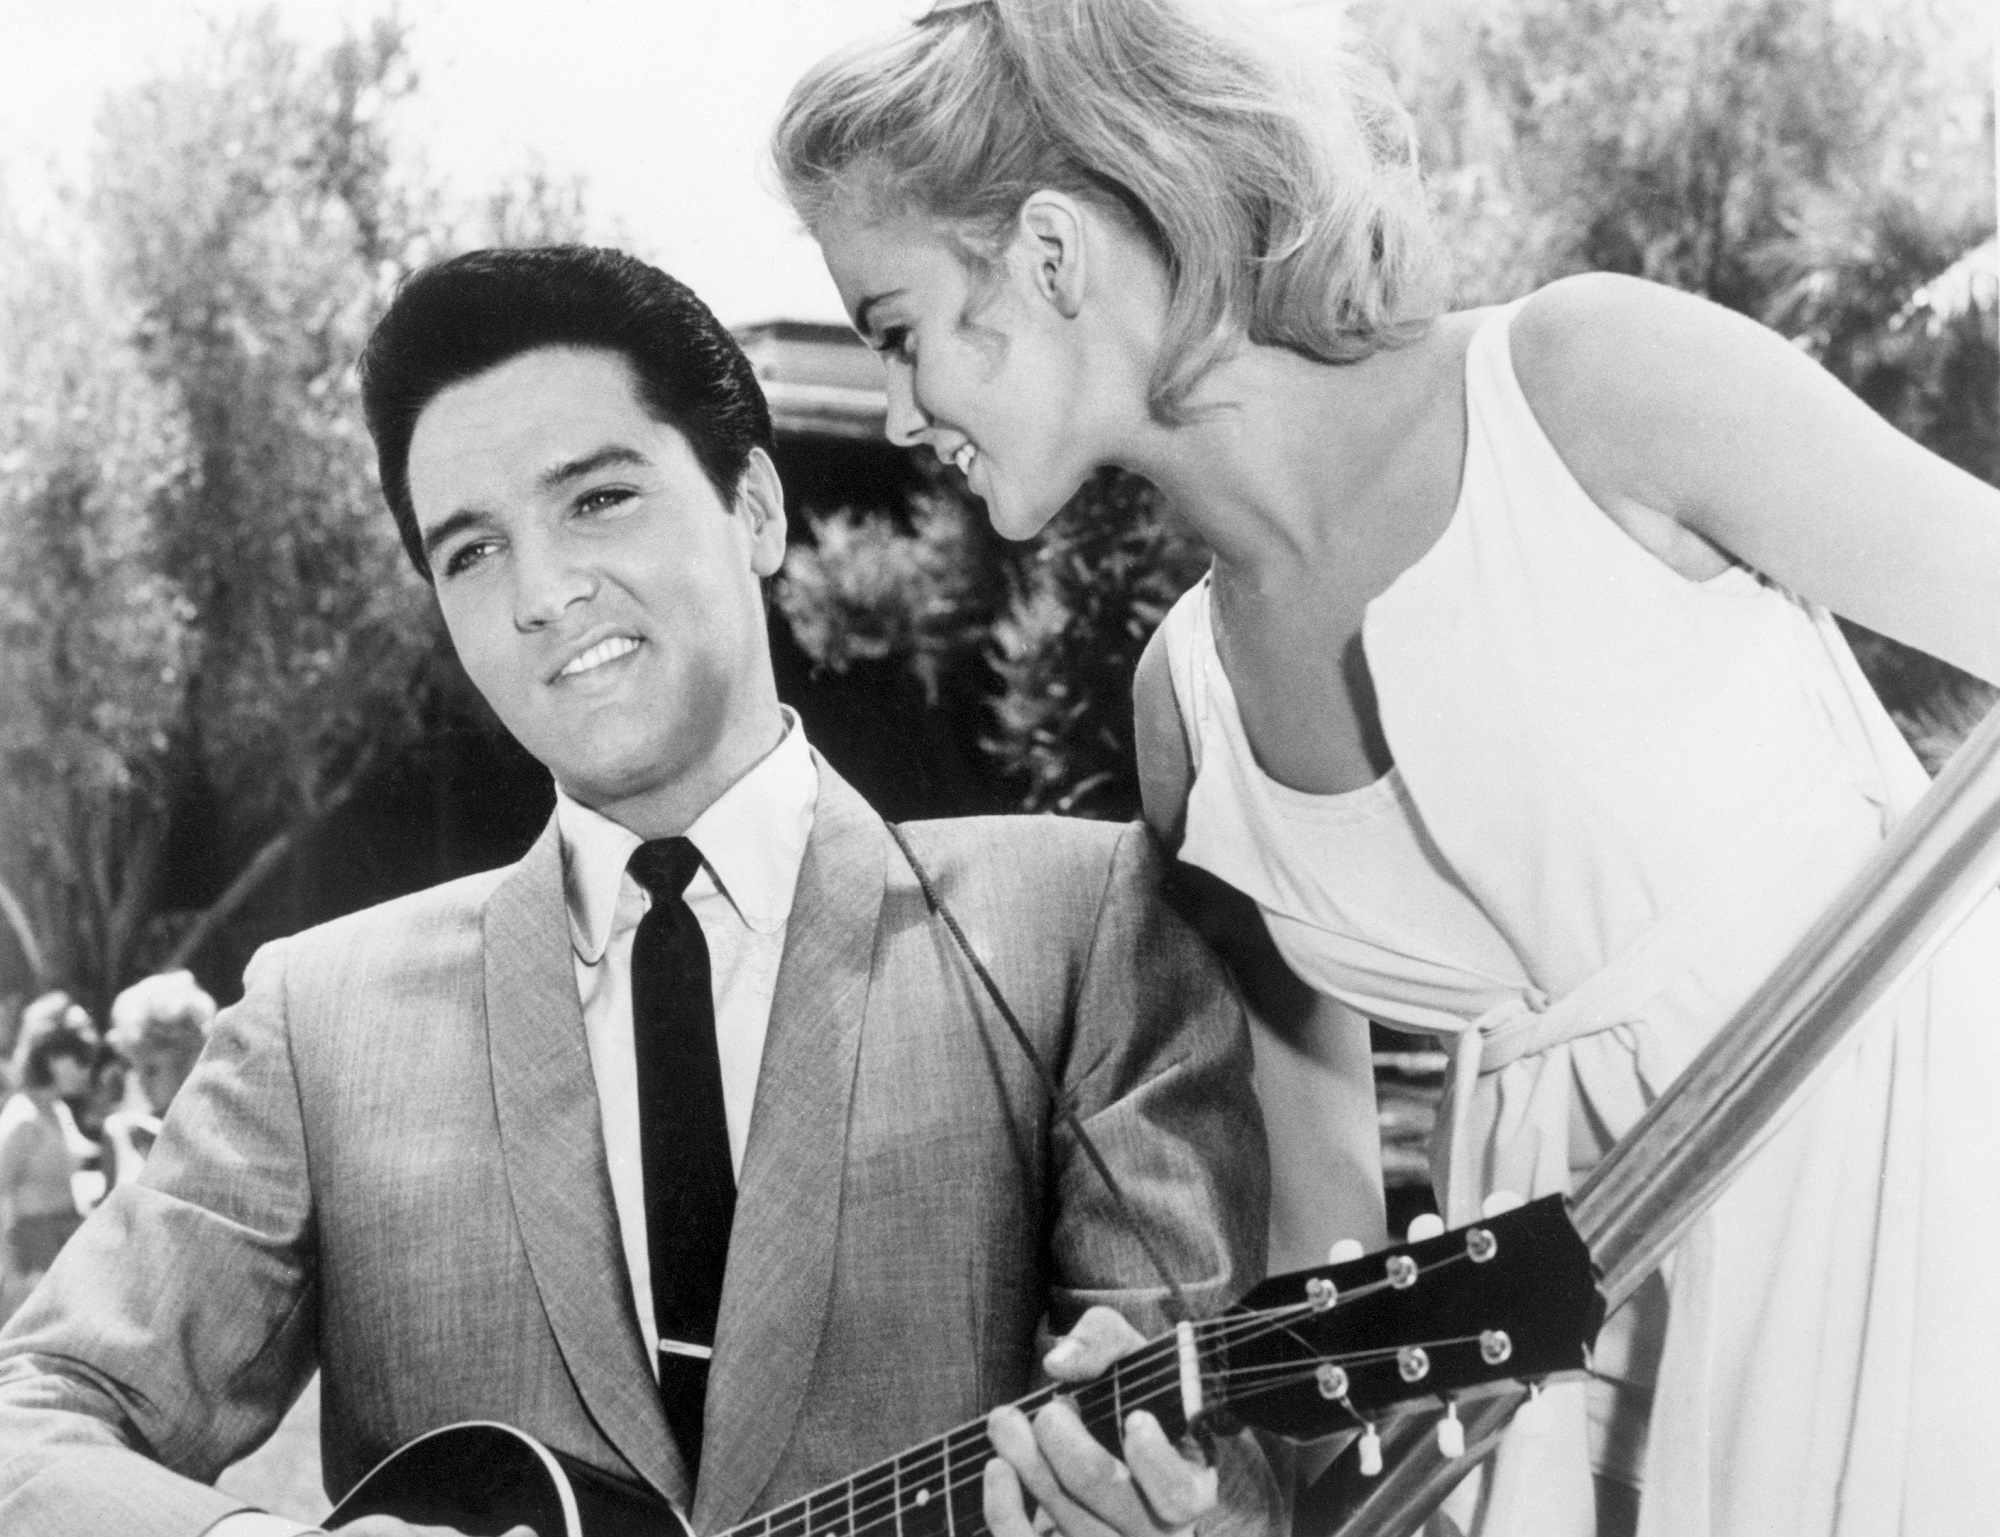 Elvis Presley and Ann-Margret in Viva Las Vegas